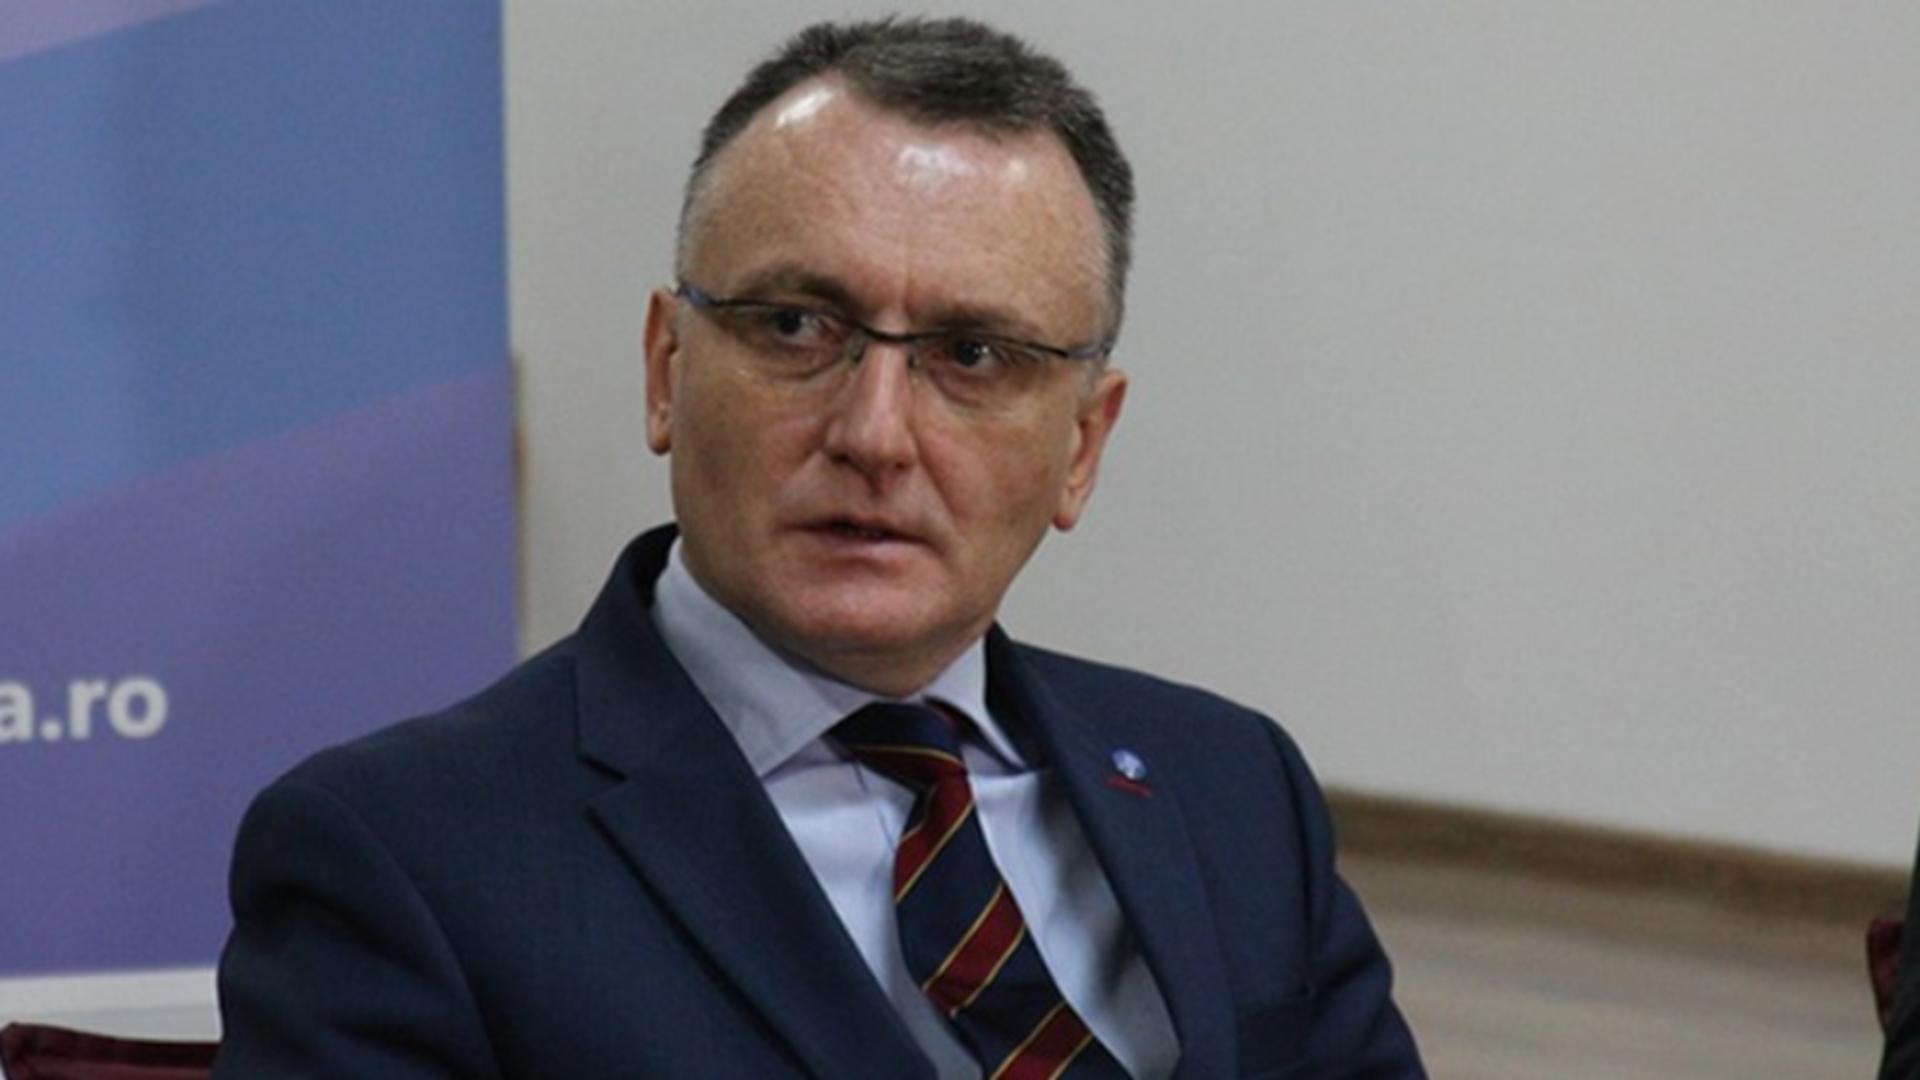 Sorin Cîmpeanu cere raportarea numărului profesorilor vaccinați împotriva COVID-19 Foto: INQUAM